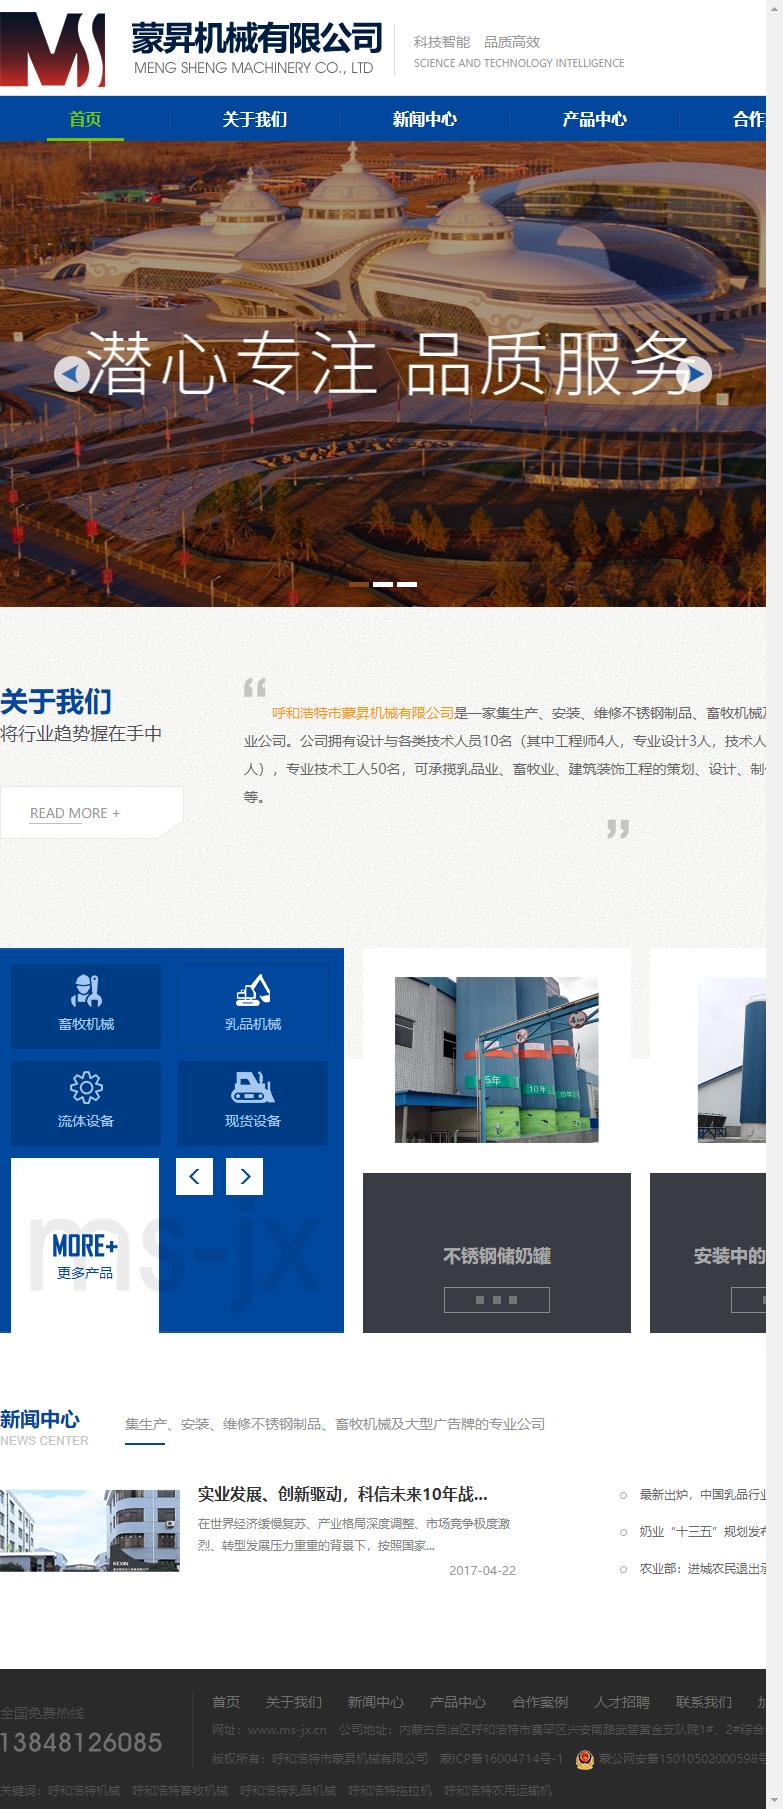 呼和浩特市蒙昇机械有限公司网站案例